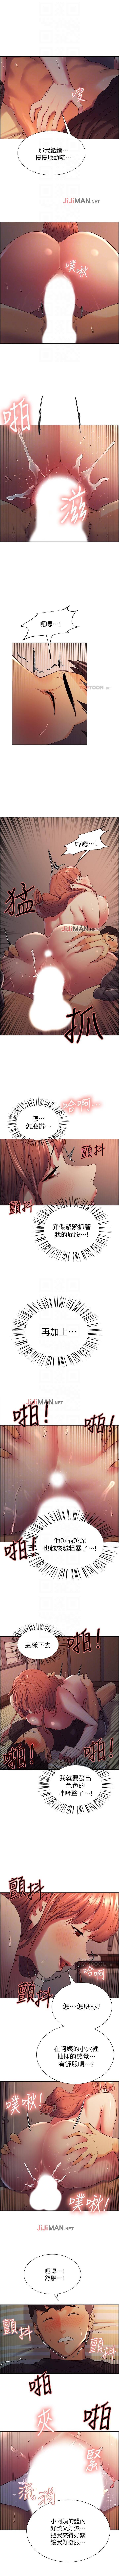 【周二连载】室友招募中(作者:Serious) 第1~15话 74